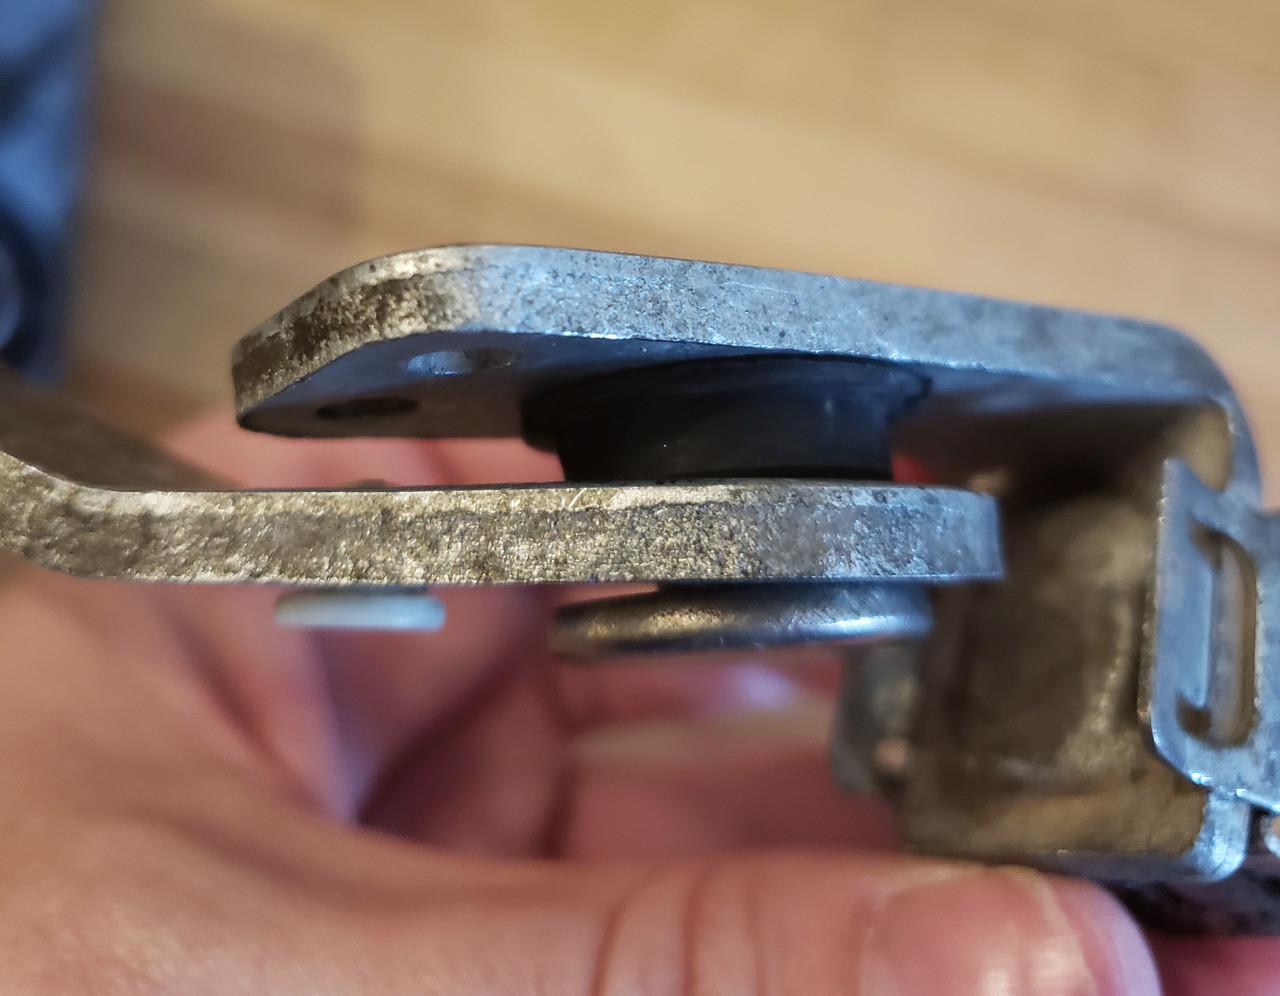 Cadillac Sts Shift Cable Repair Kit